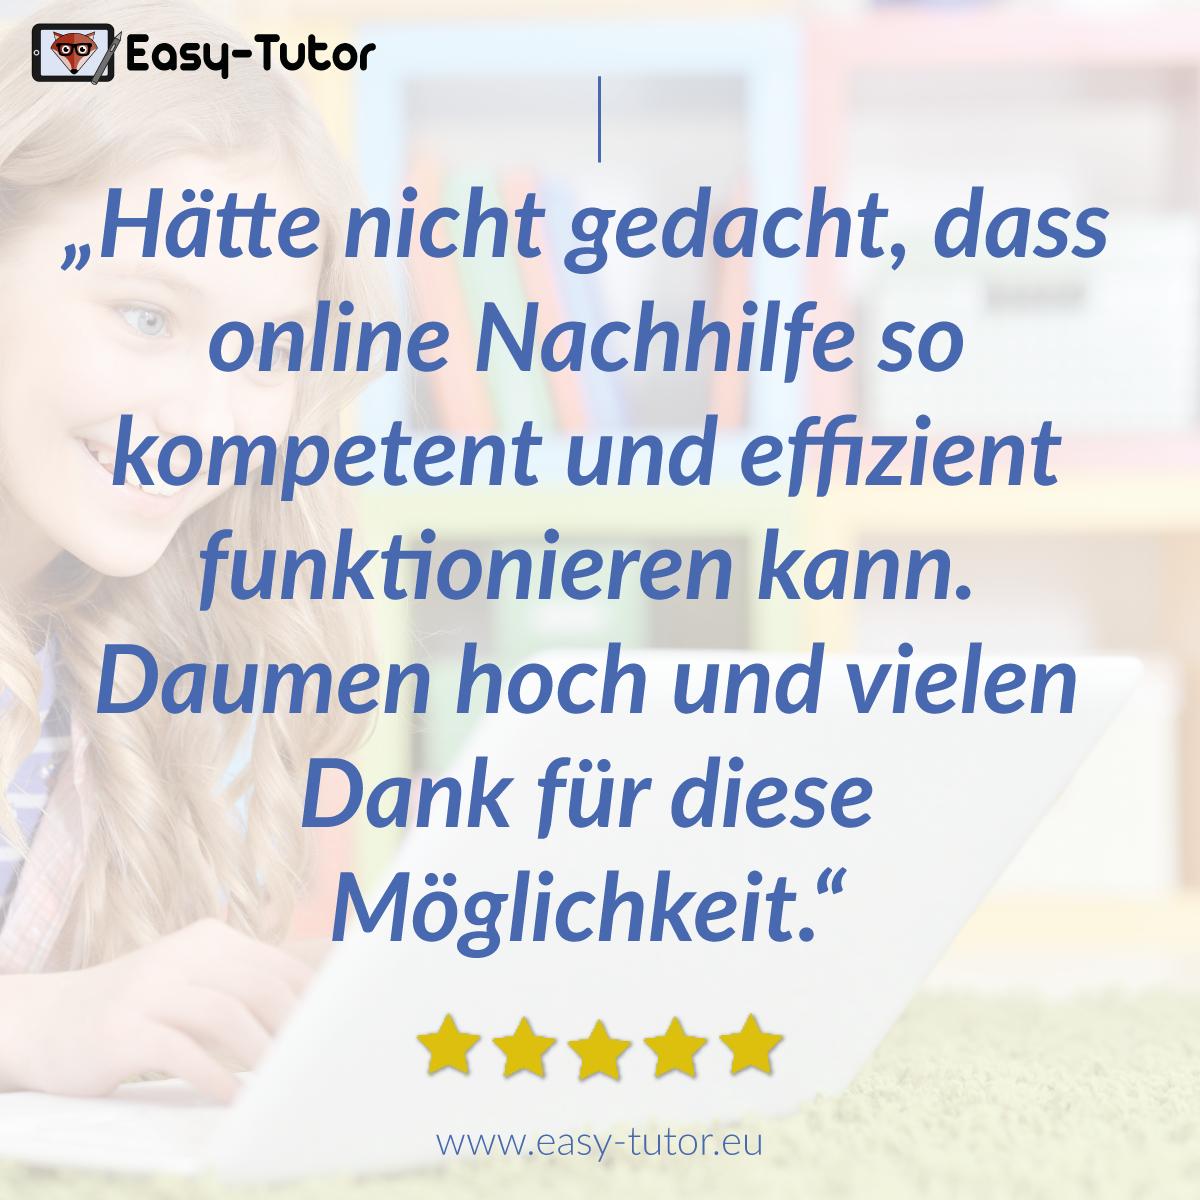 🎉 Vielen Dank für diese liebe Bewertung Wir prüfen alle Lehrer ...